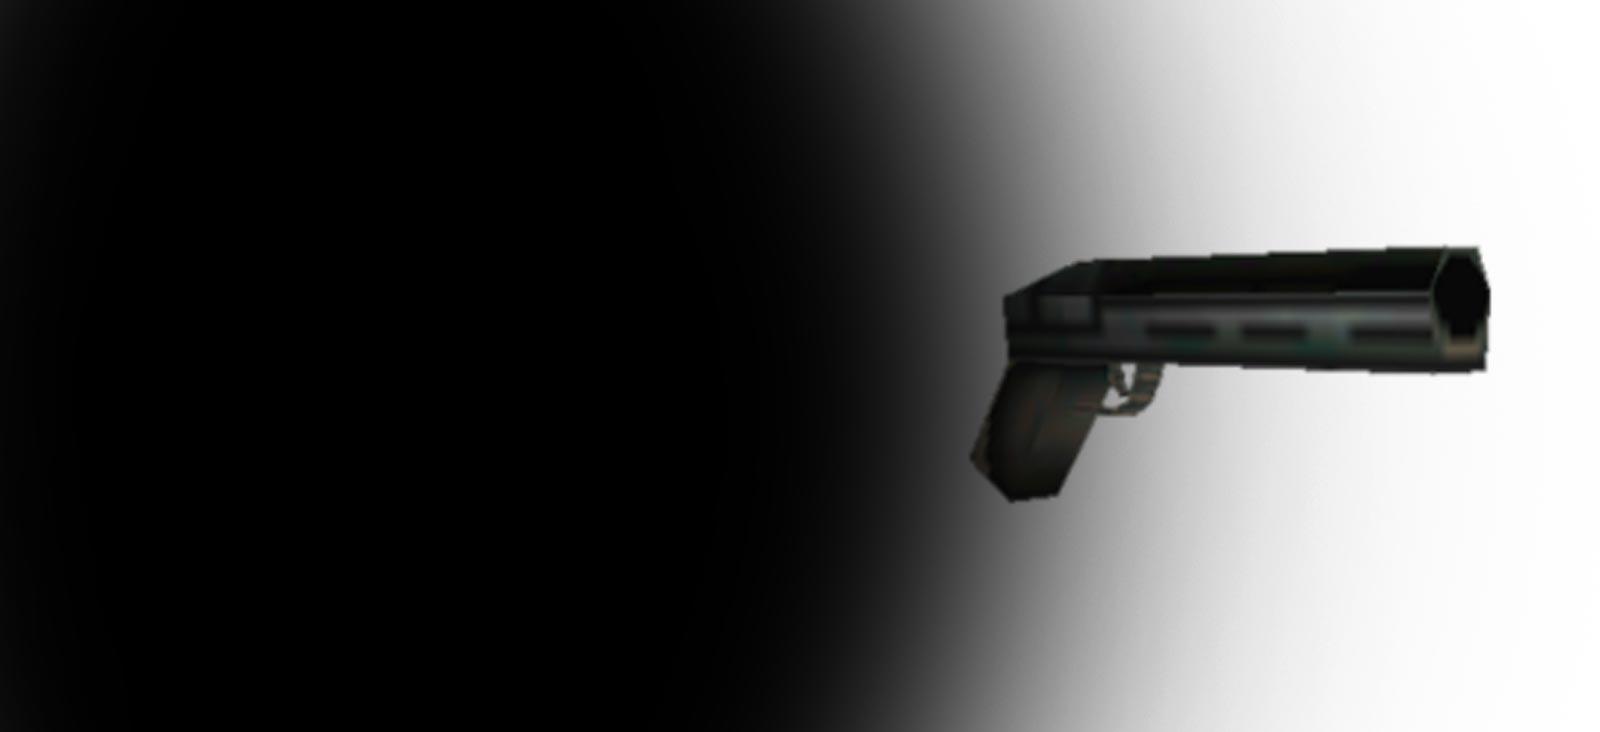 Le lance-grenade